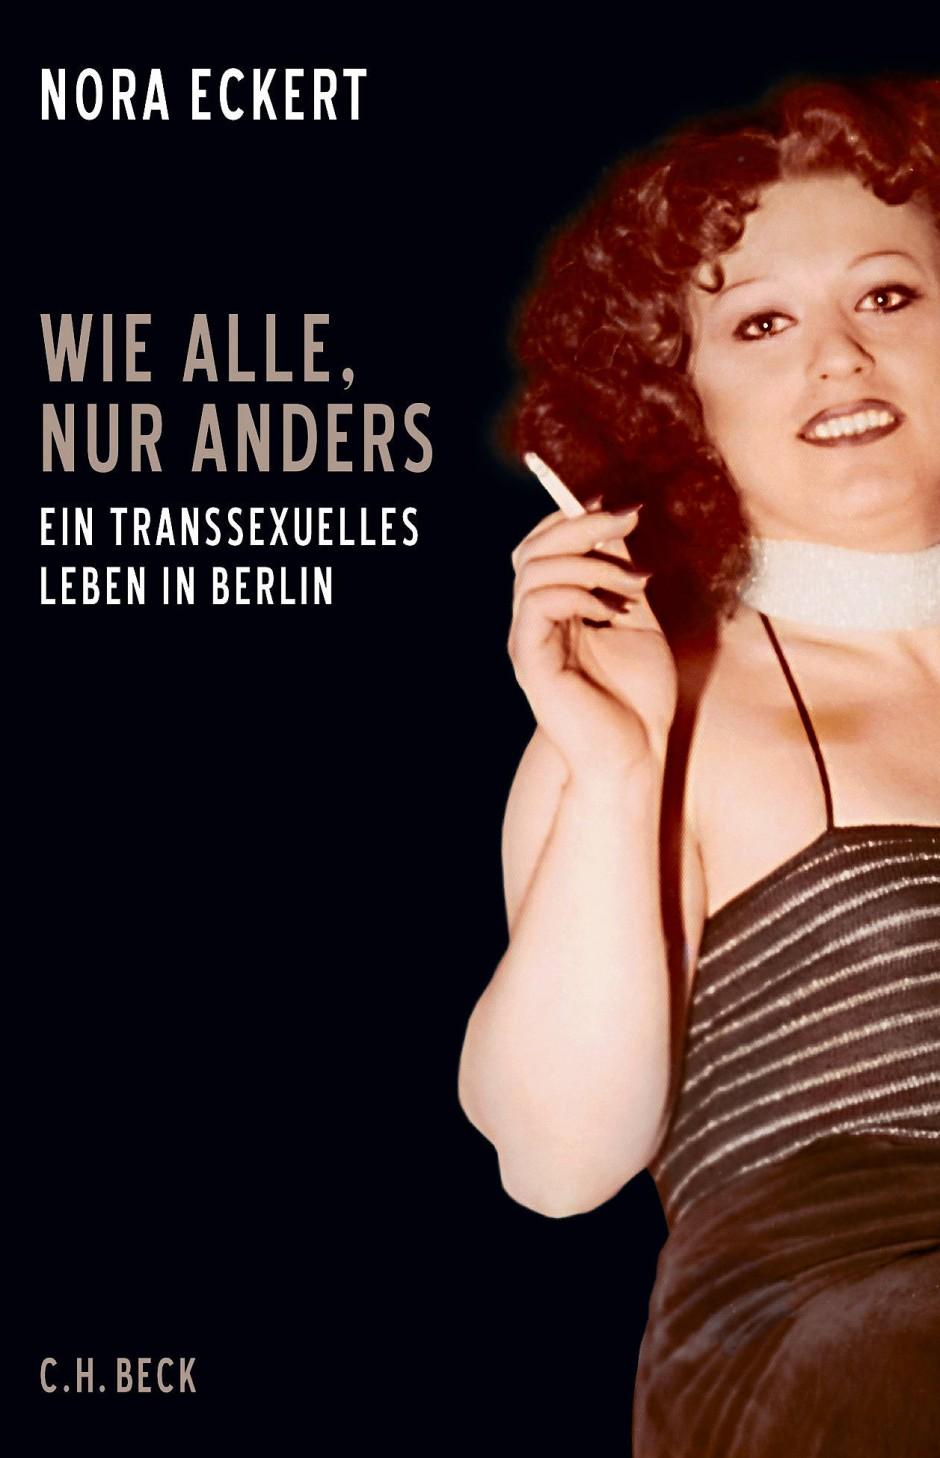 """Nora Eckert: """"Wie alle, nur anders"""". Ein transsexuelles Leben  in Berlin."""